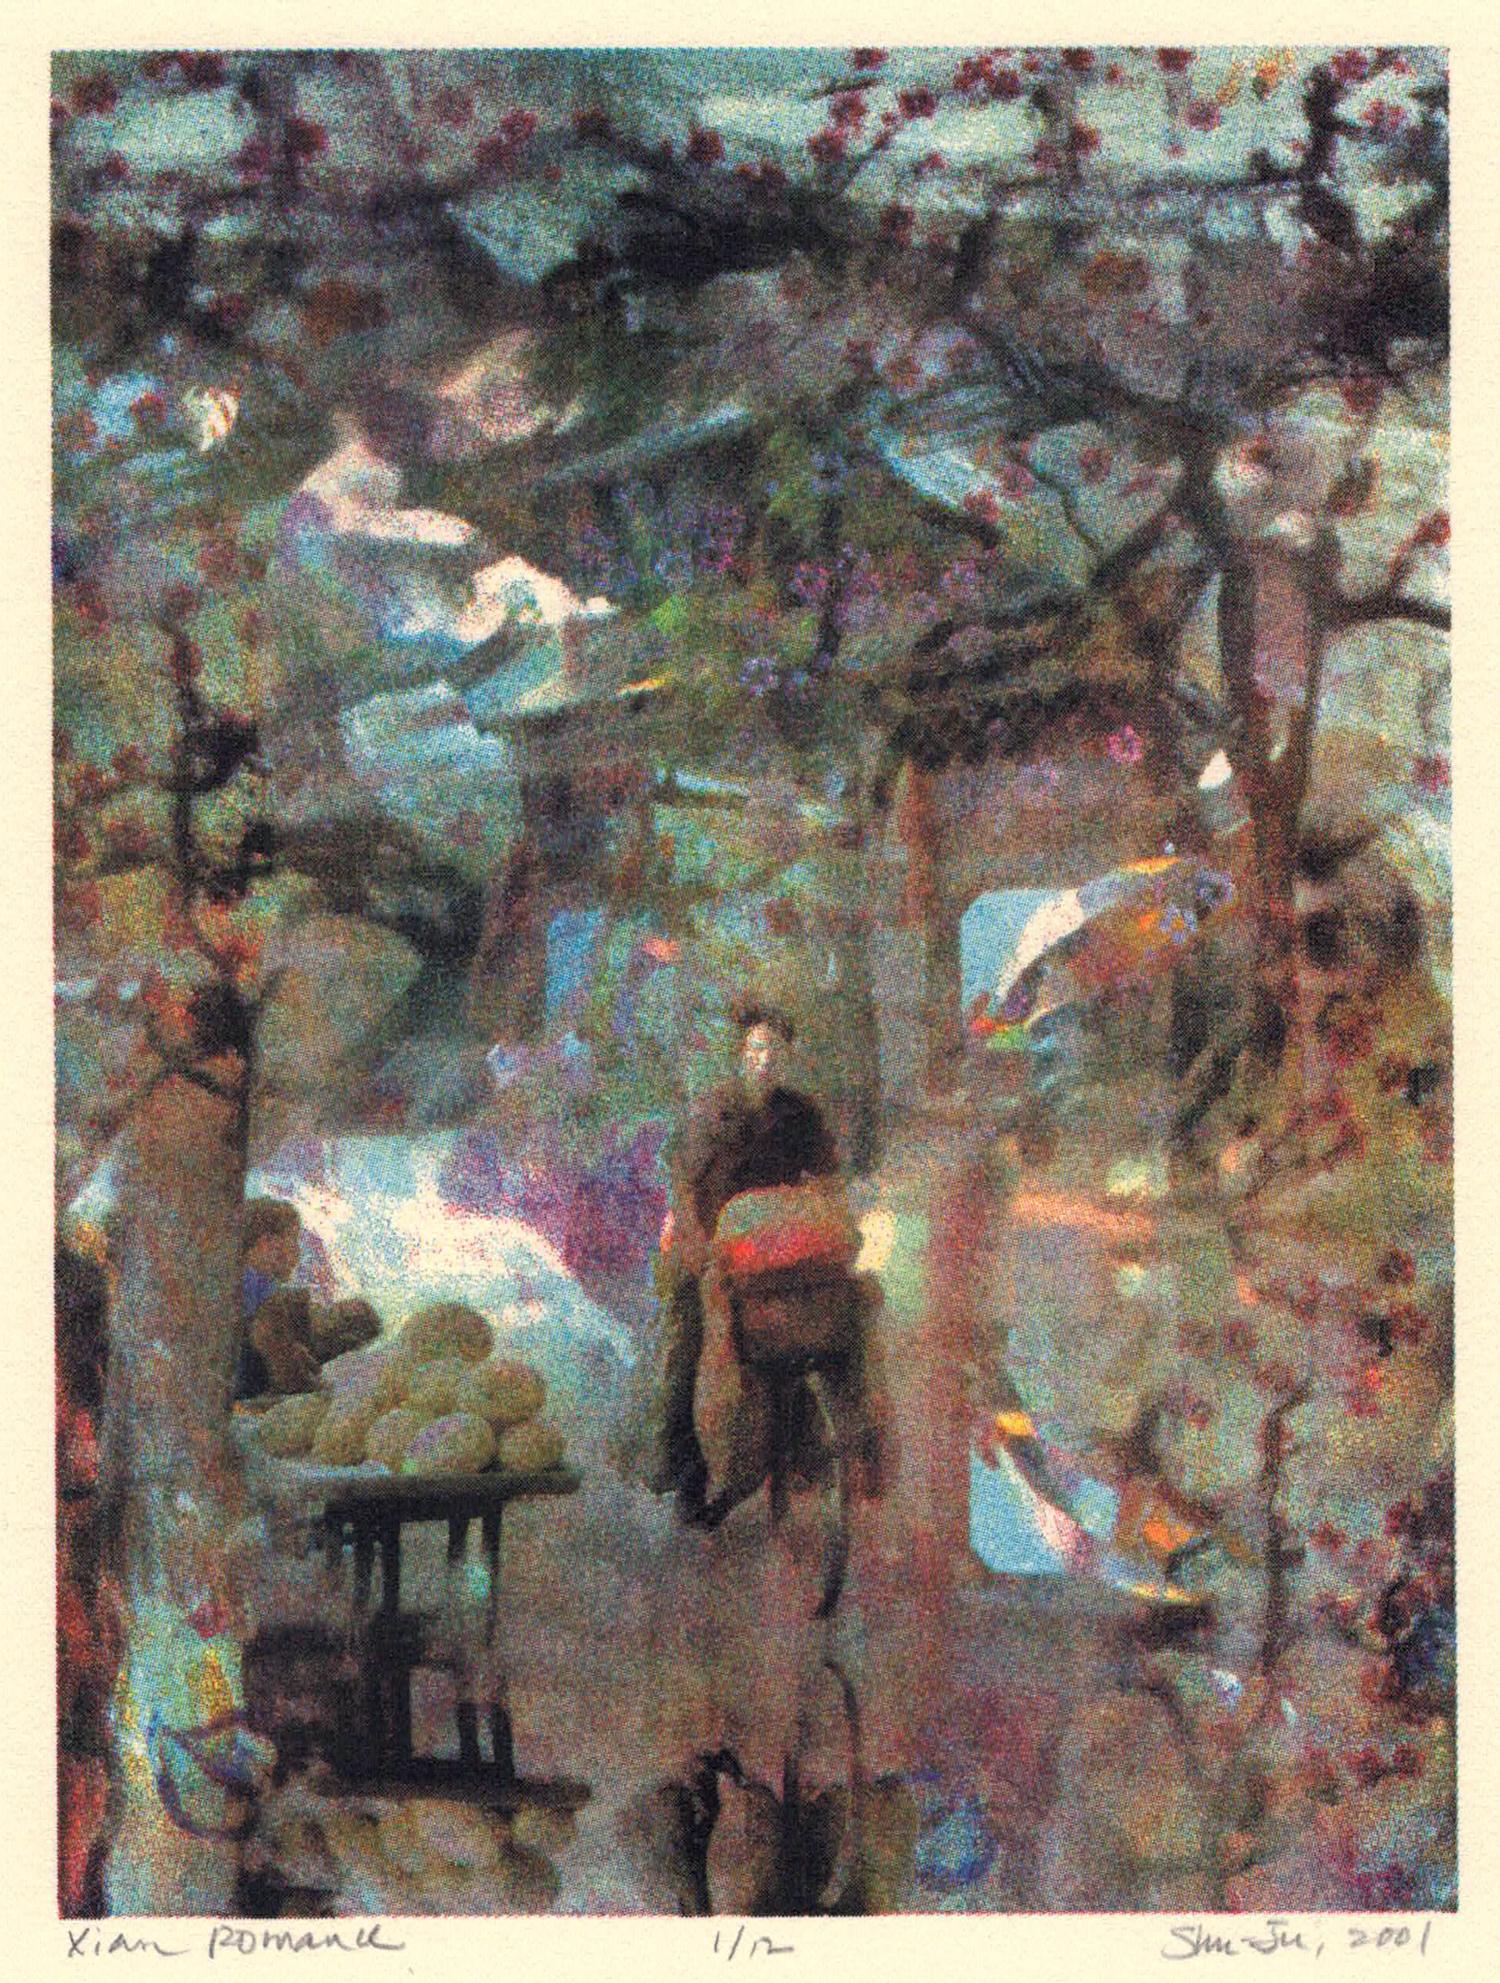 Xian Romance, Silk Road Portfolio